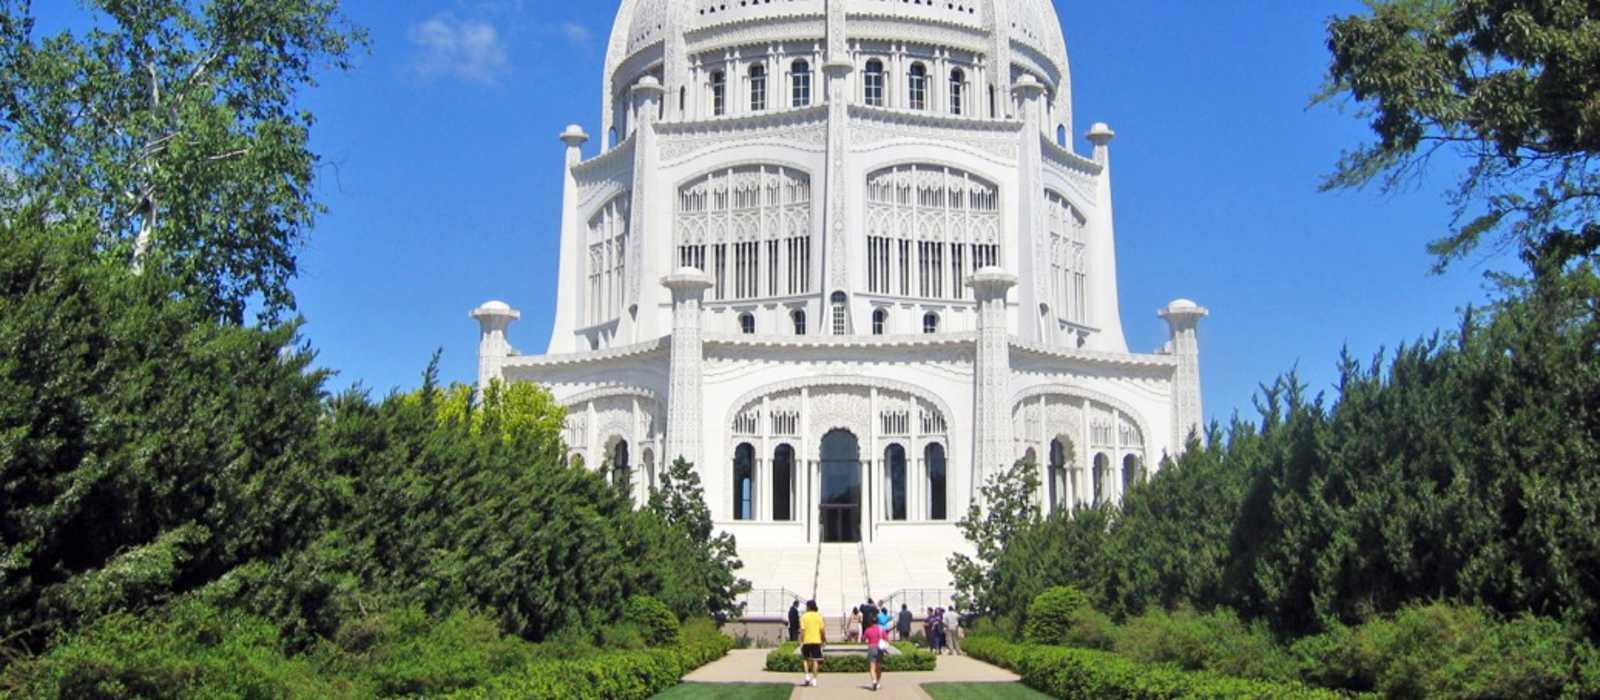 Das Bahá'i House of Worship mit Parkanlage